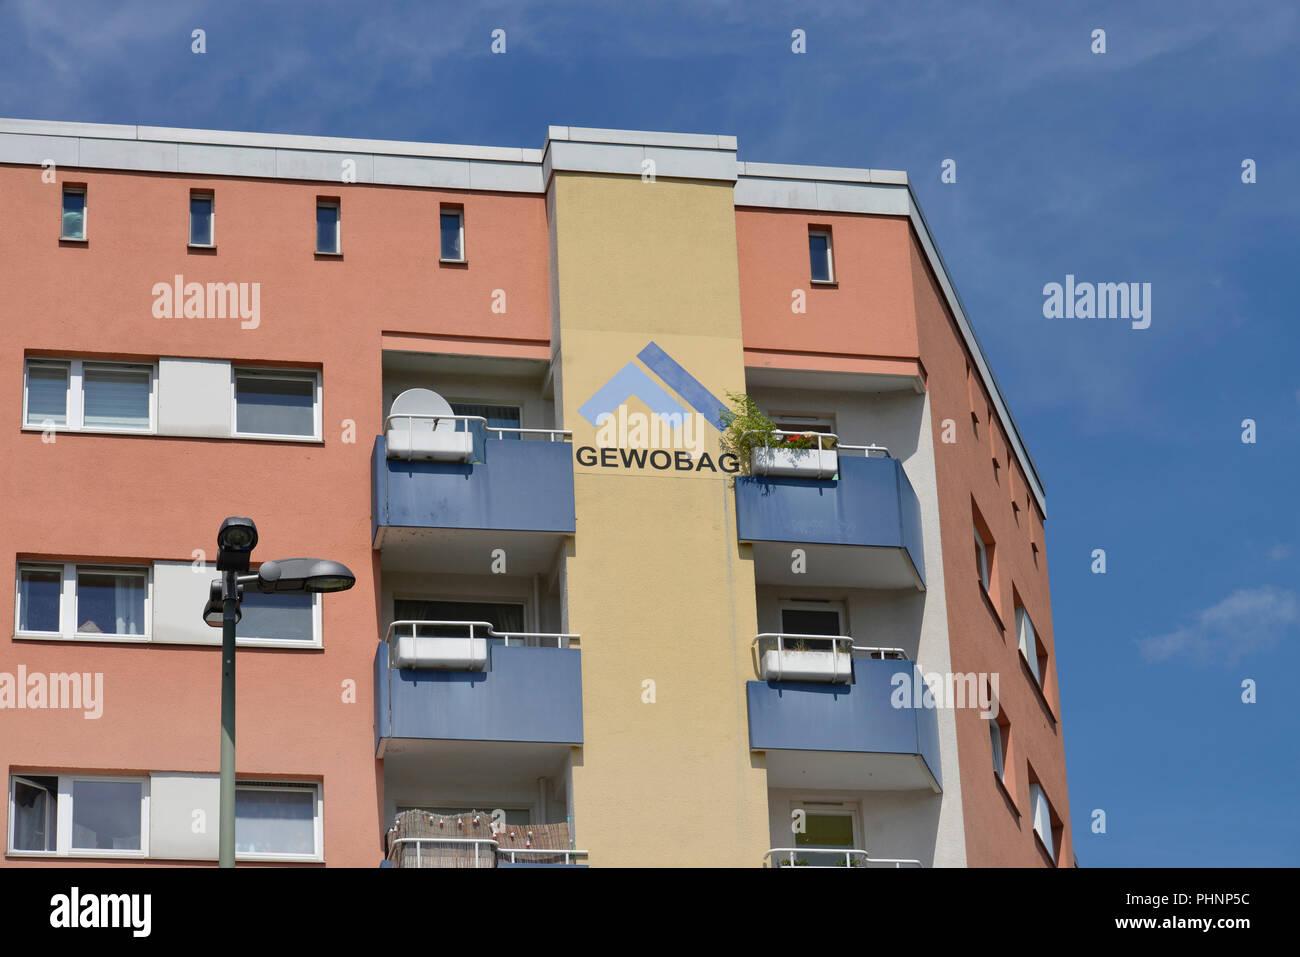 Wohnhaus, Motzstrasse, Gewobag, Schoeneberg, Berlin, Deutschland - Stock Image